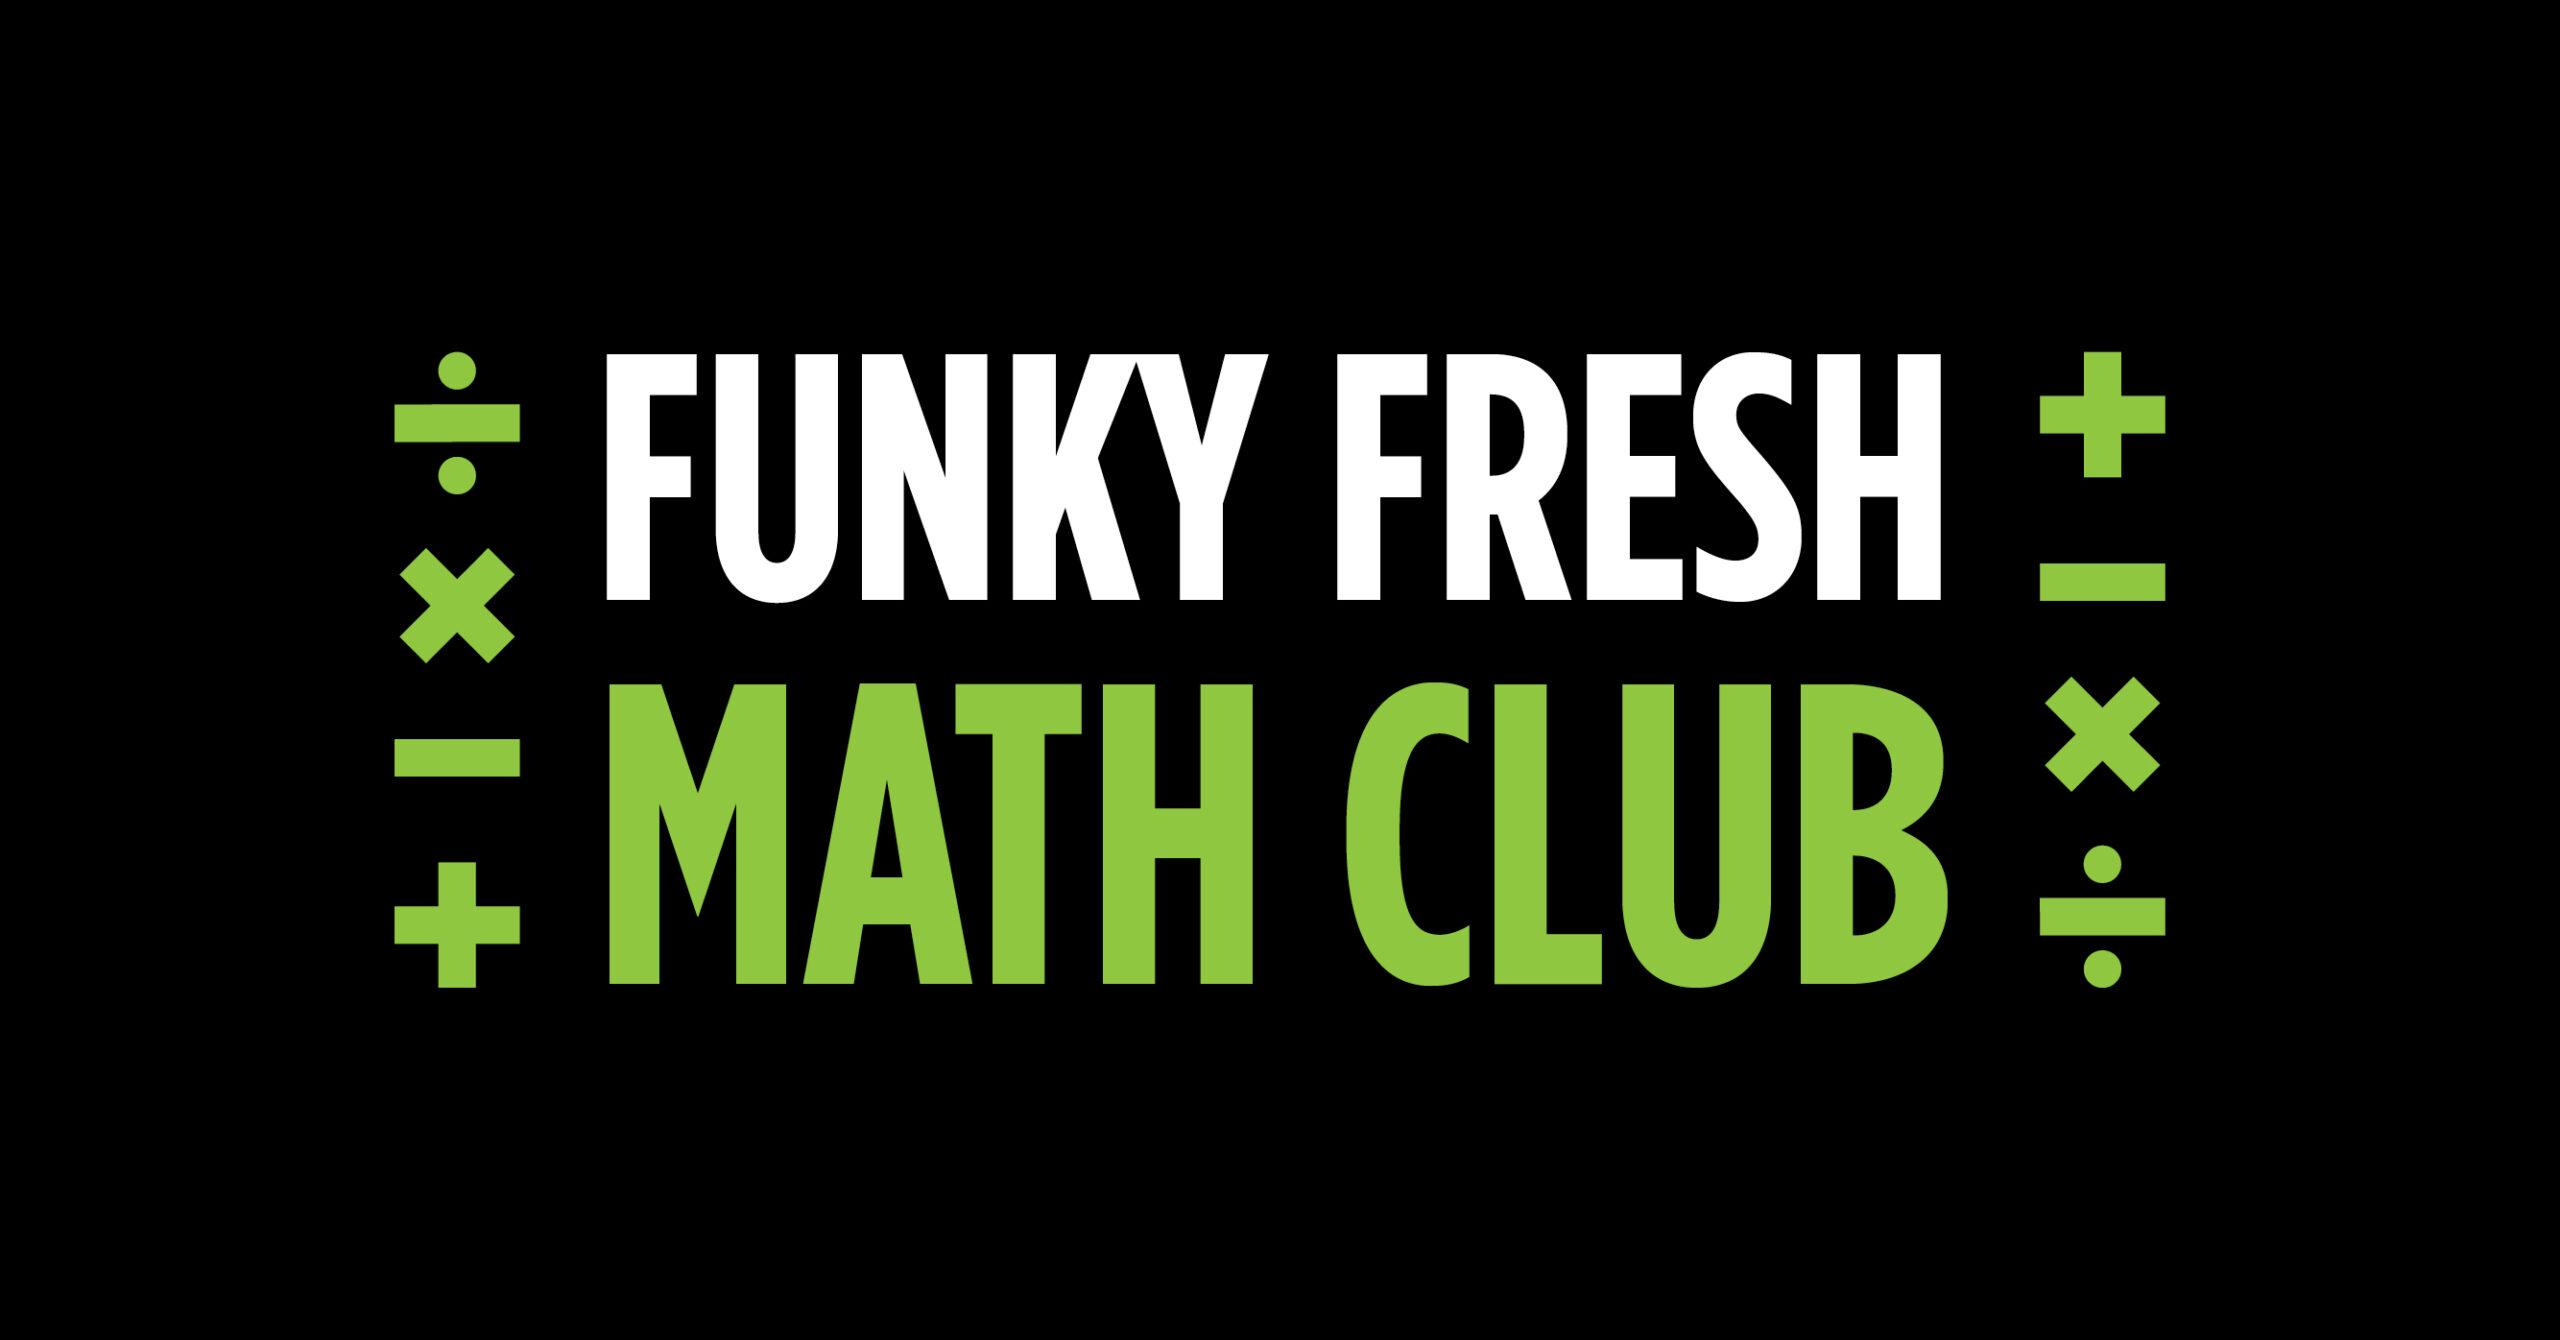 Funky Fresh Math Club